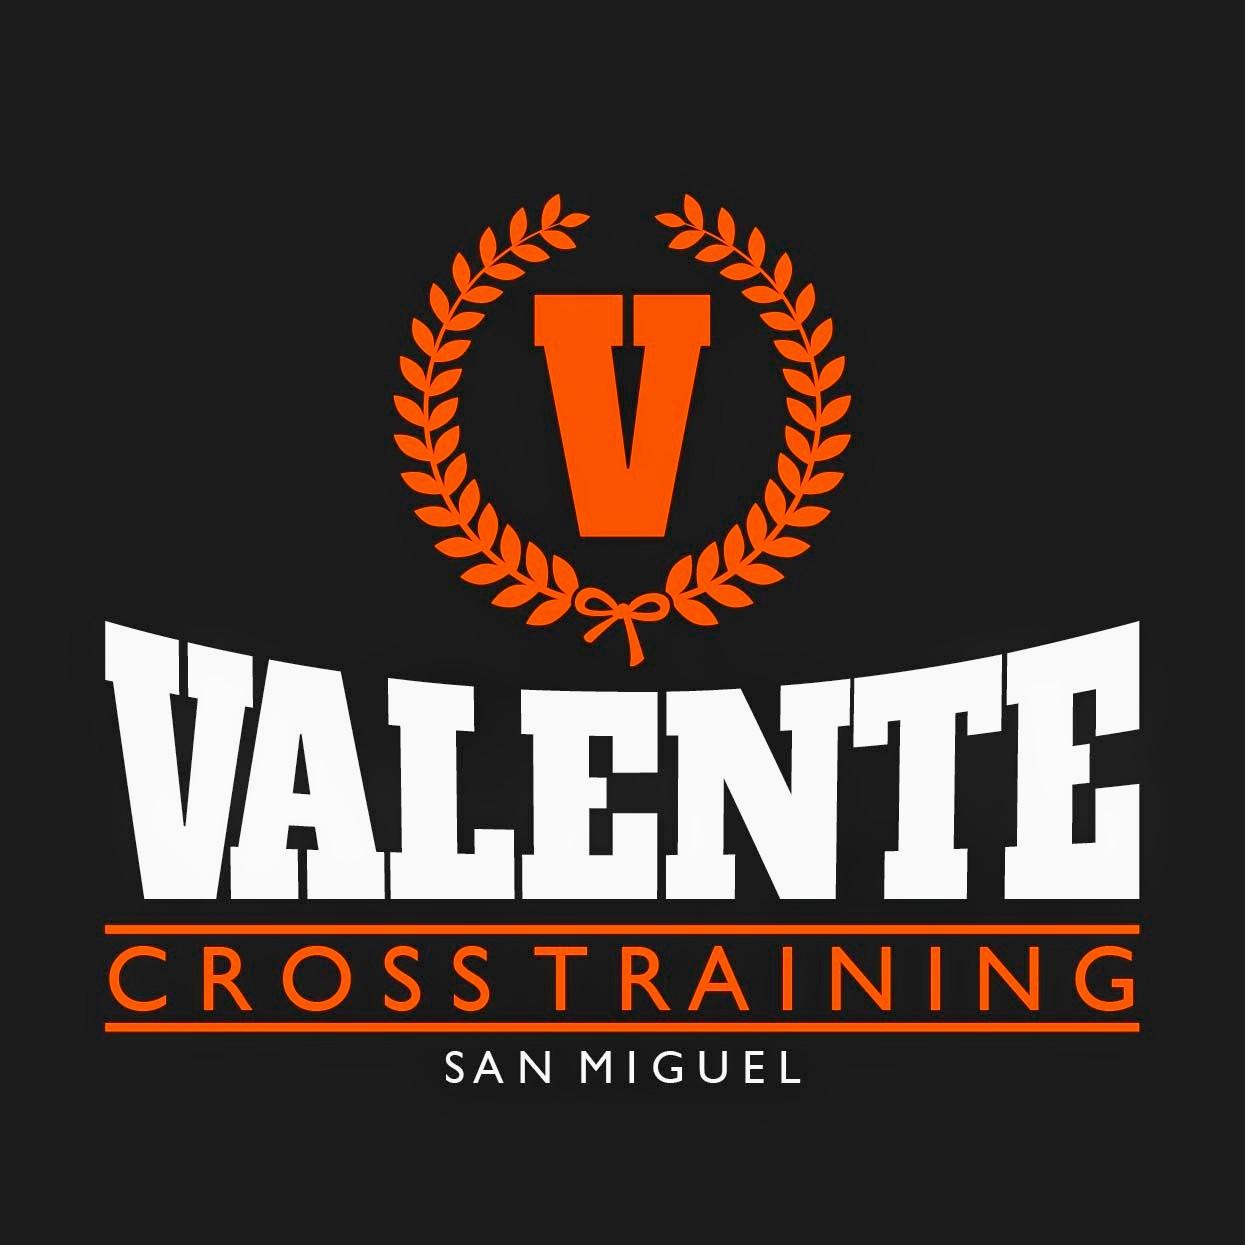 logo de Valente Cross Training